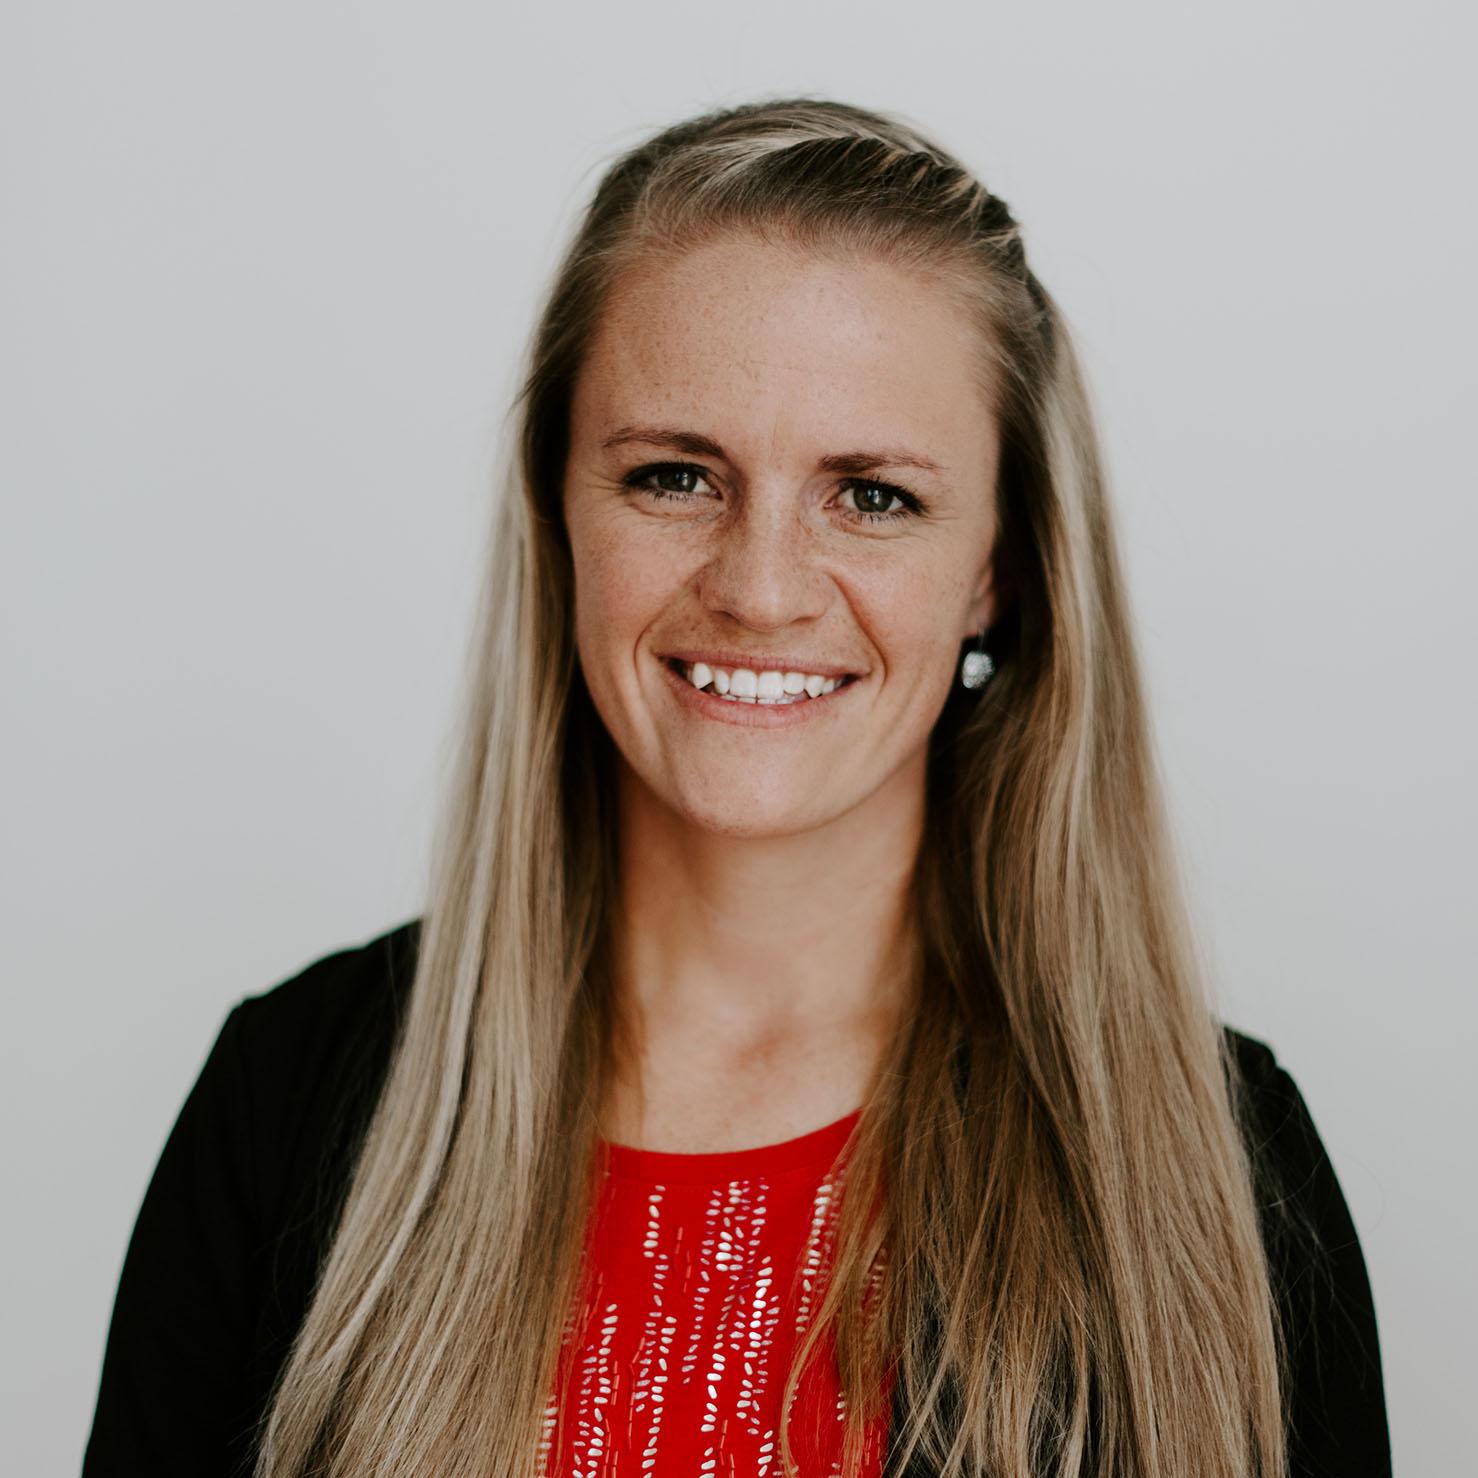 Katie Kruse